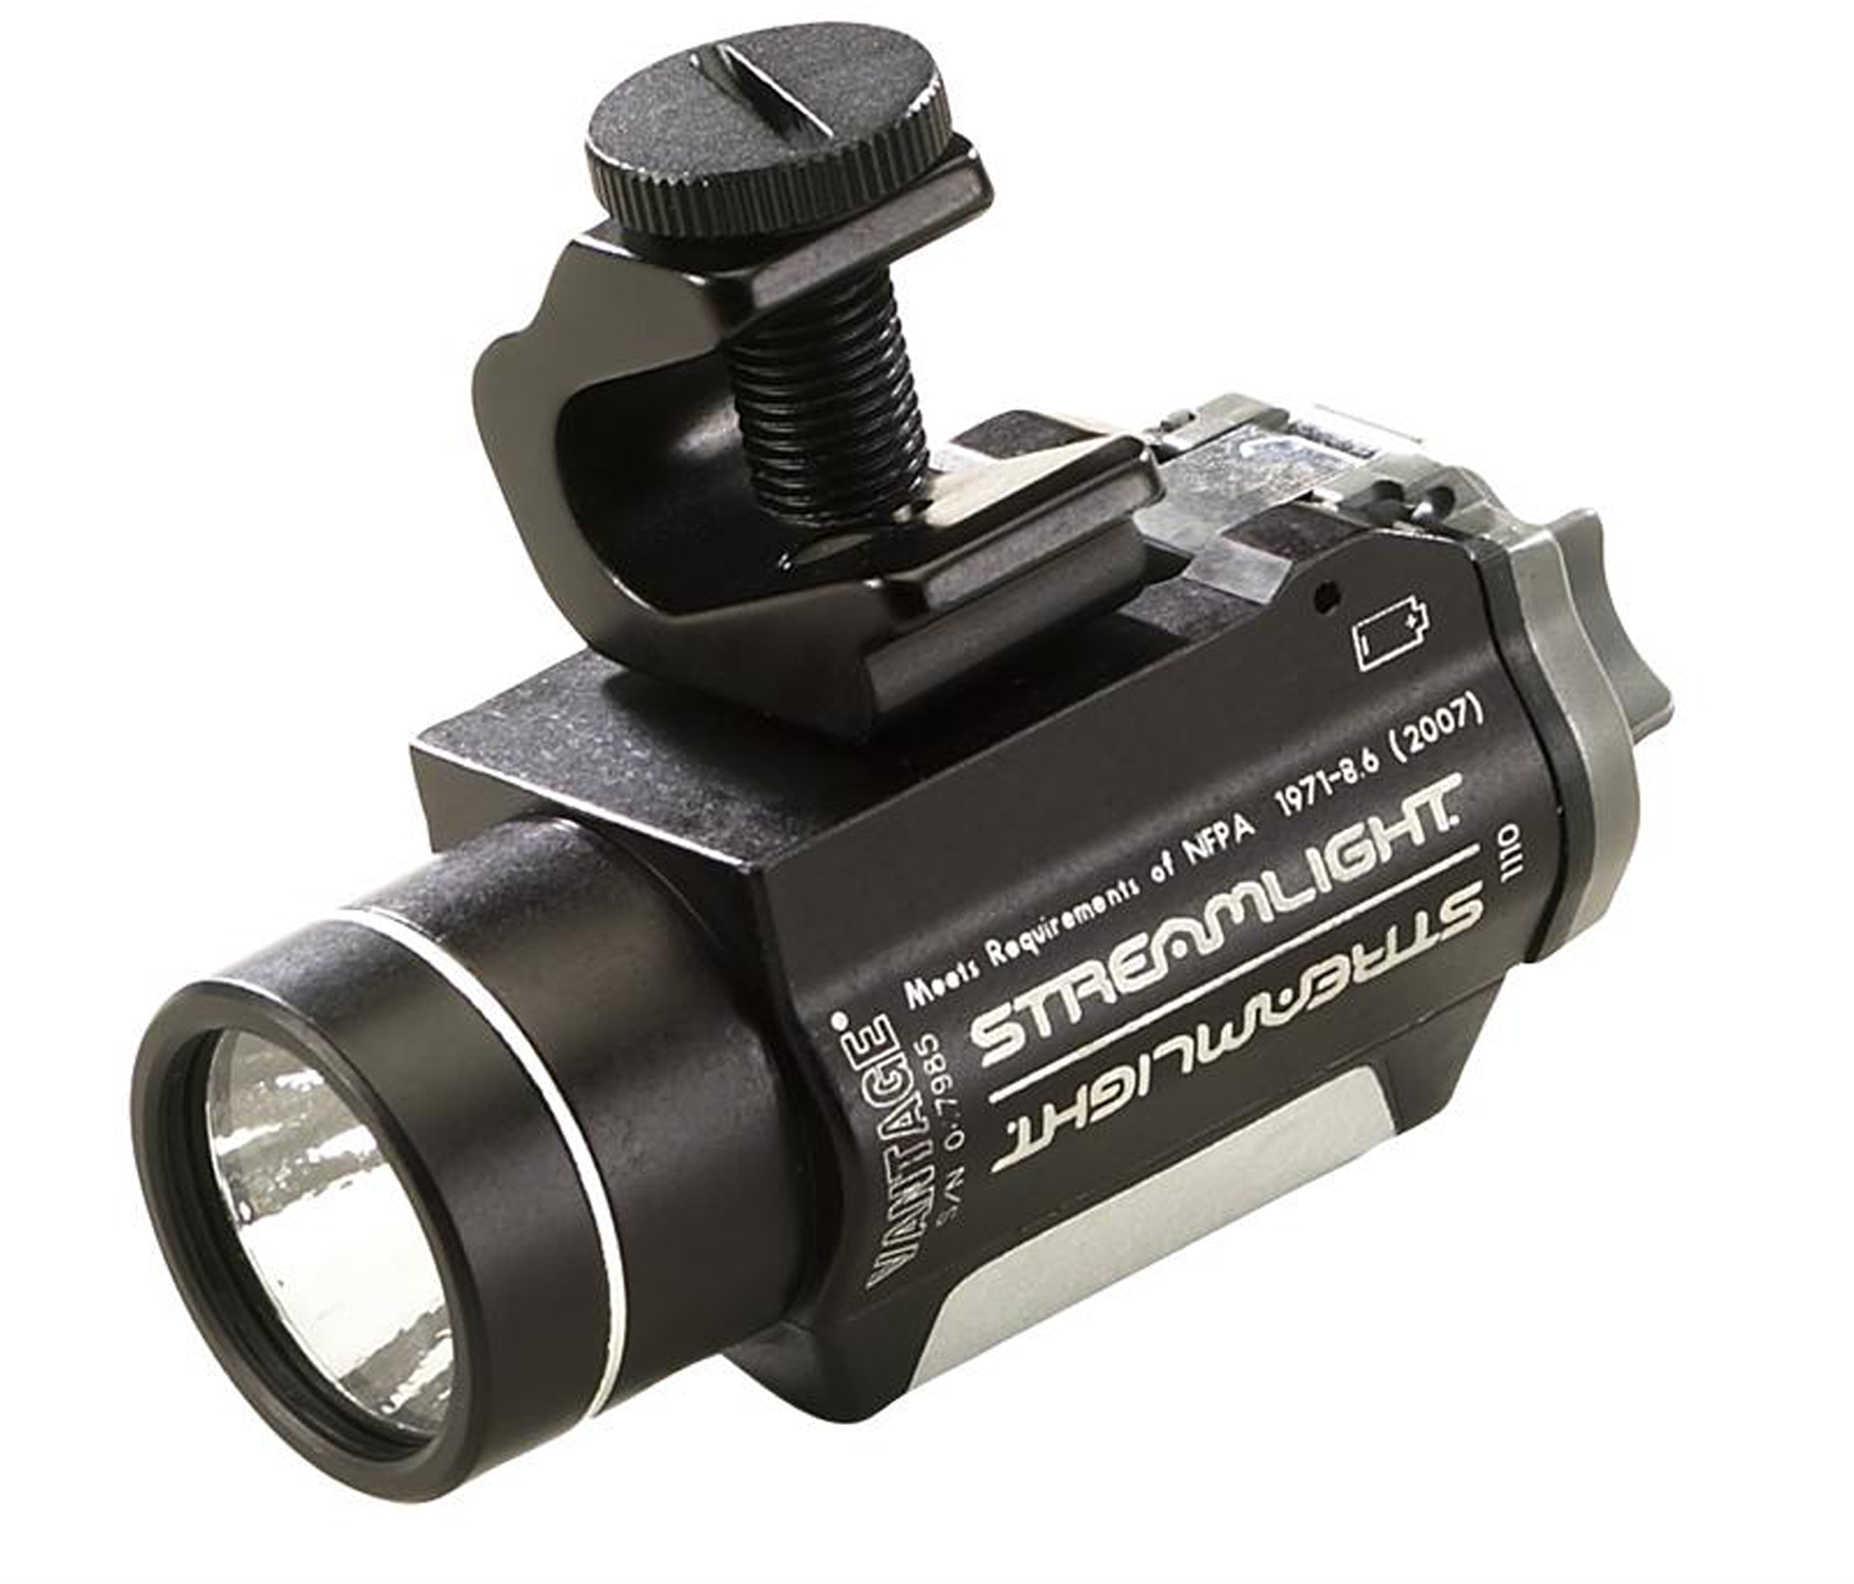 Streamlight Vantage Helmet Mounted Flashlight Flashlight C4 Led 115 Lumens Black 69140